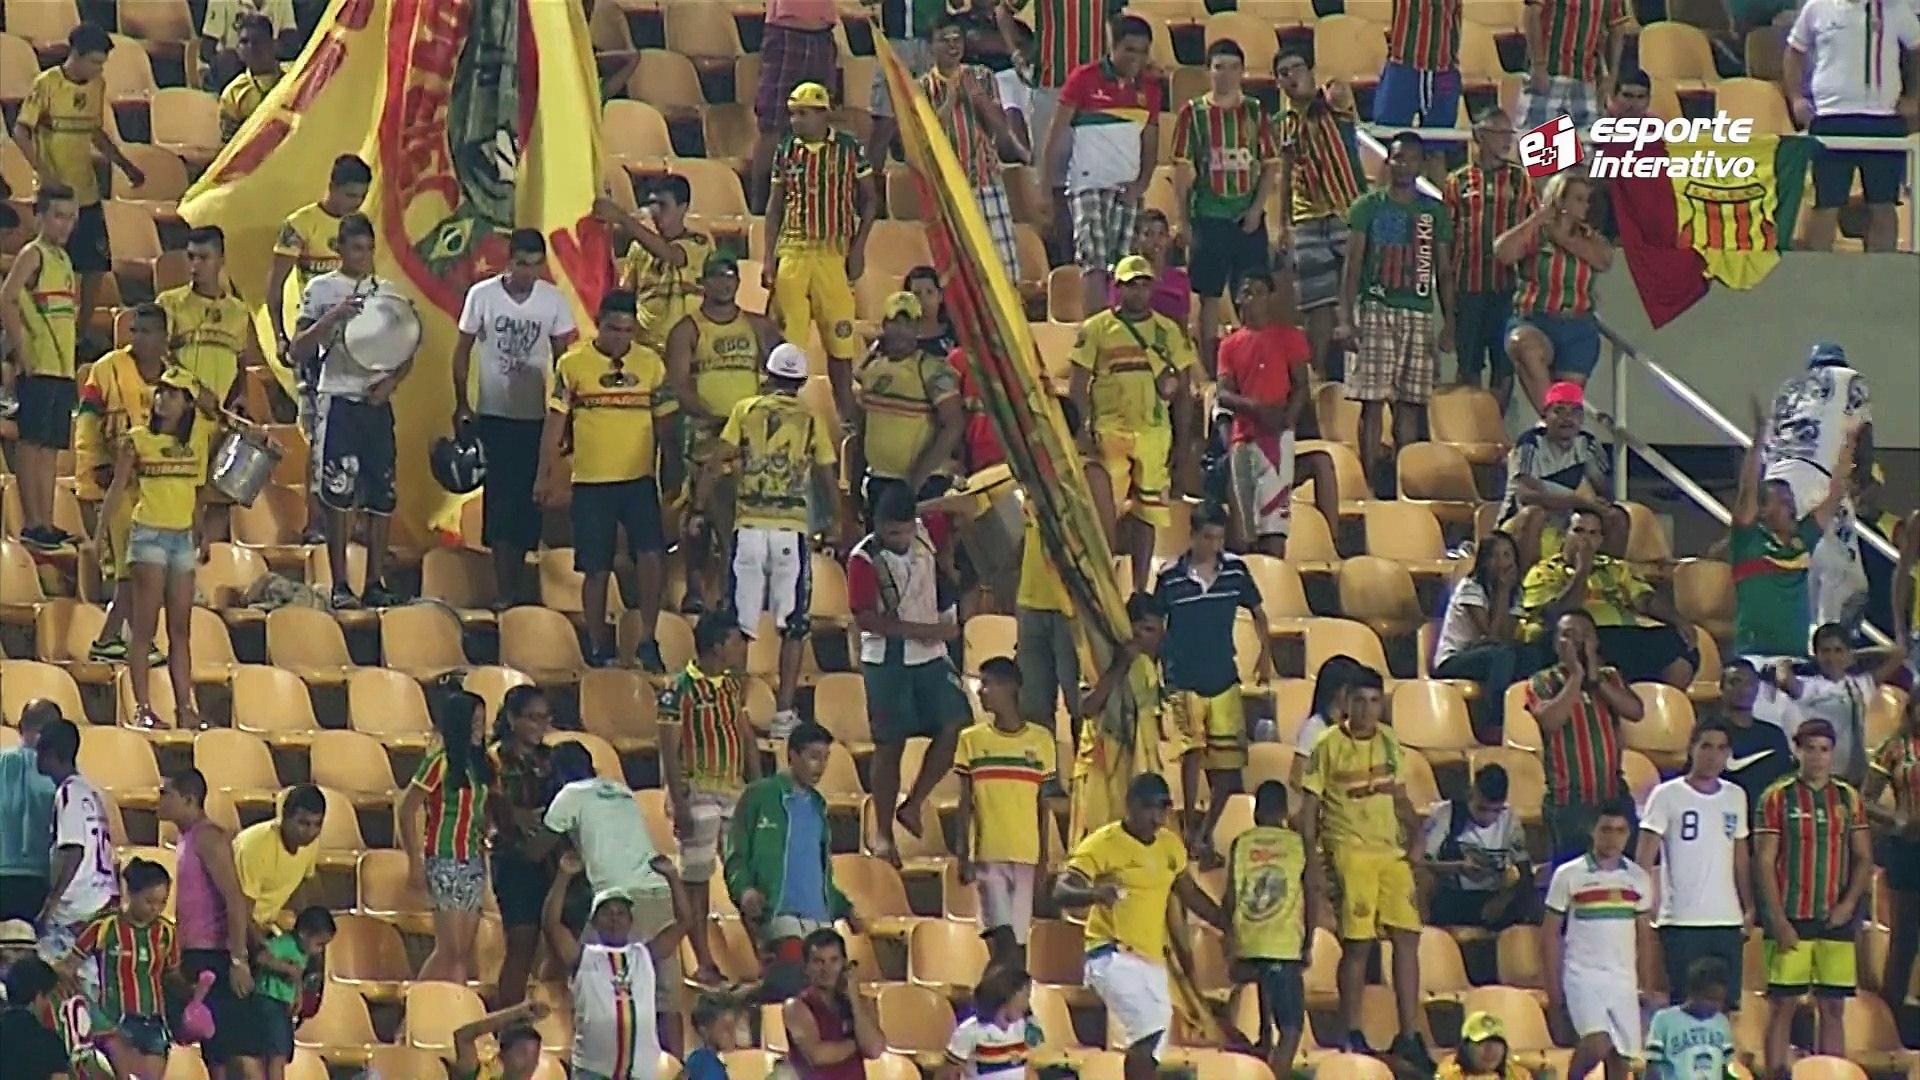 Fechou o tempo! Na final da Supercopa do Maranhão, jogadores do Náutico partem para cima do árbitro